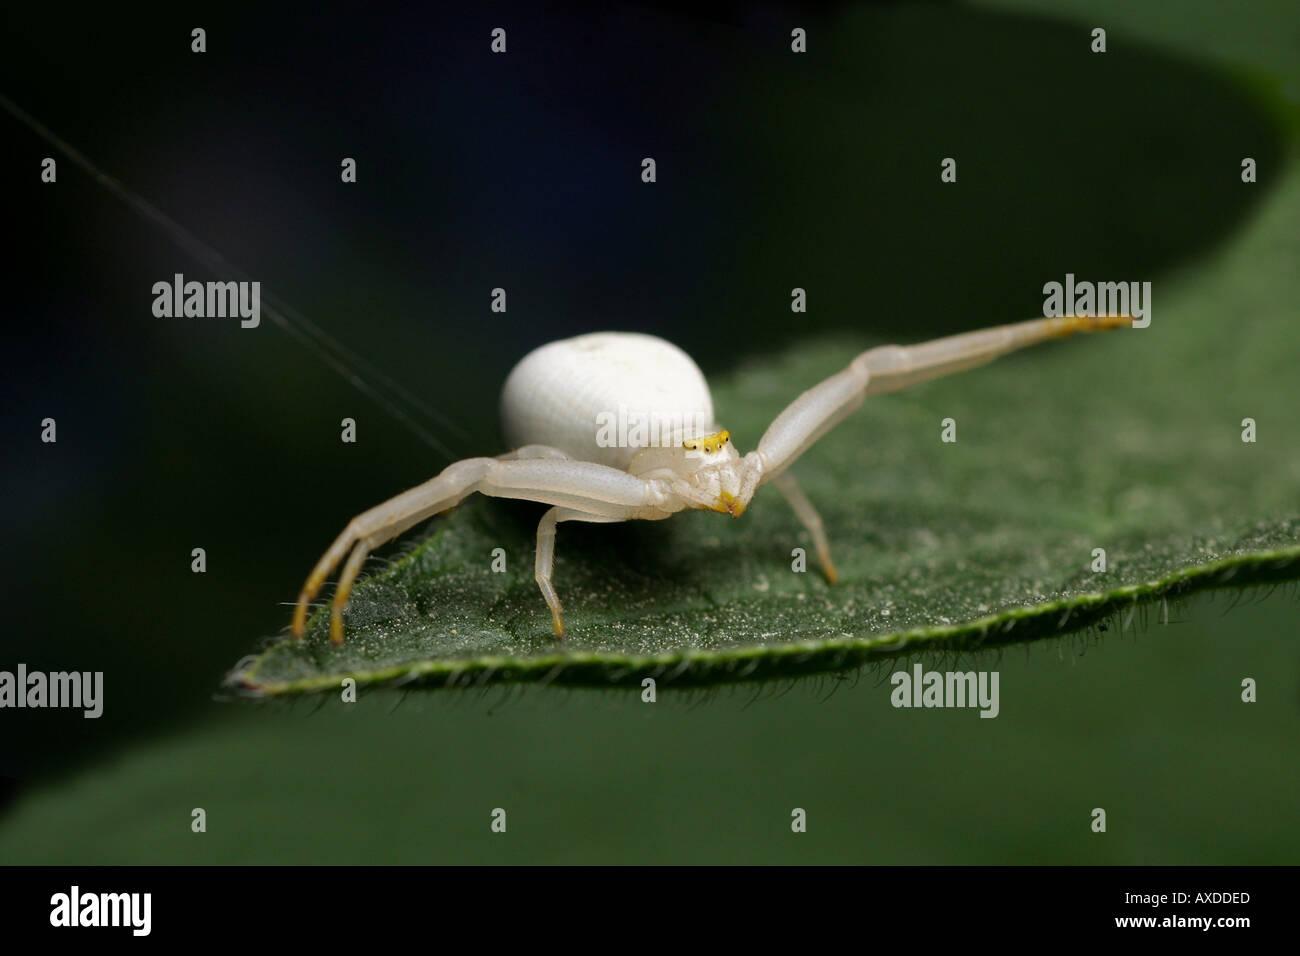 White Goldenrod Crab spider - Misumena vatia Stock Photo